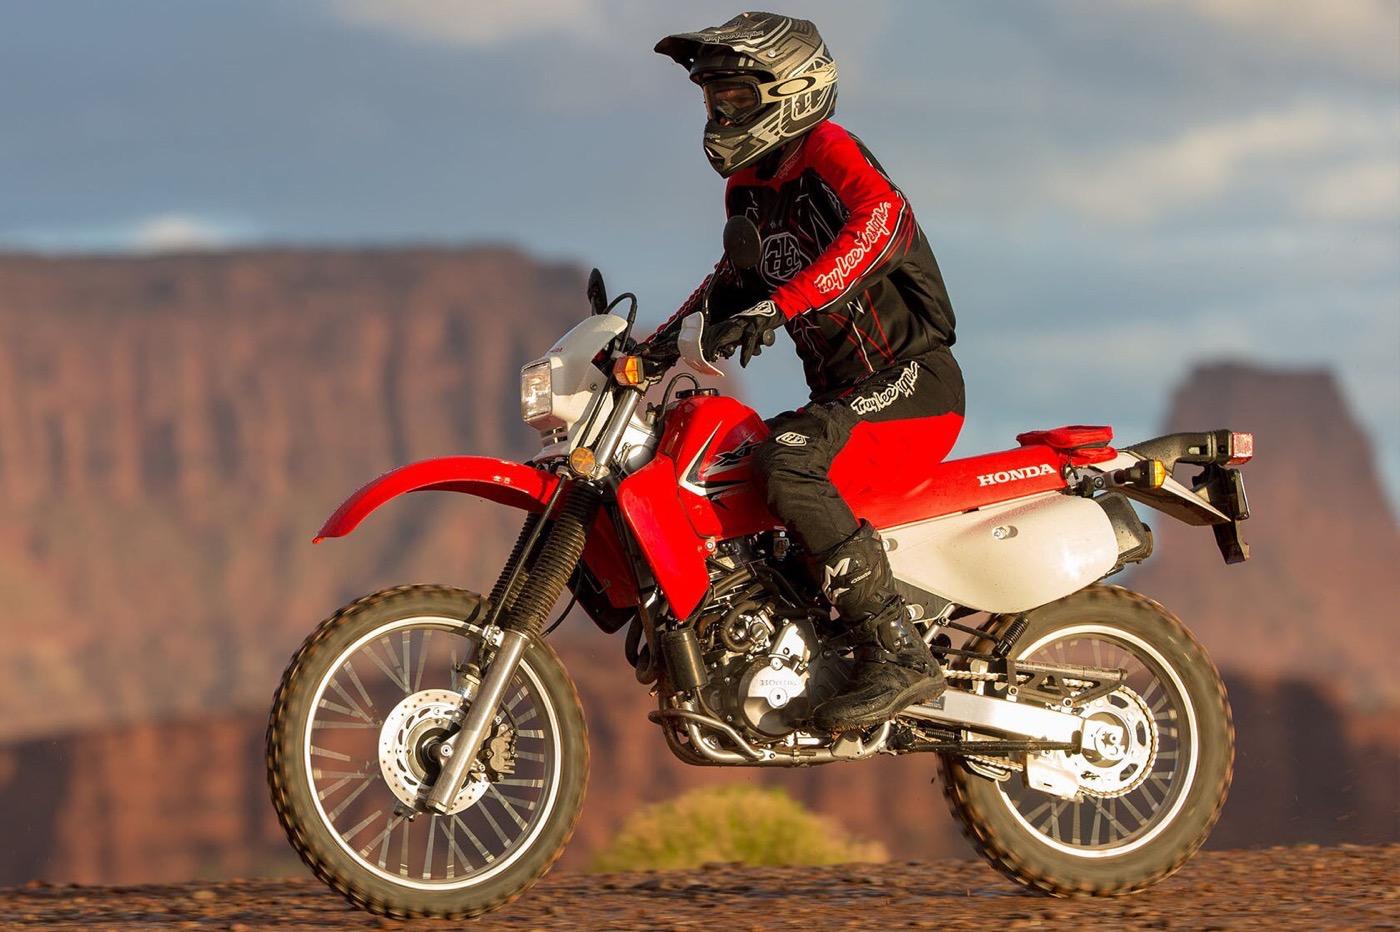 HondaXR650L 06